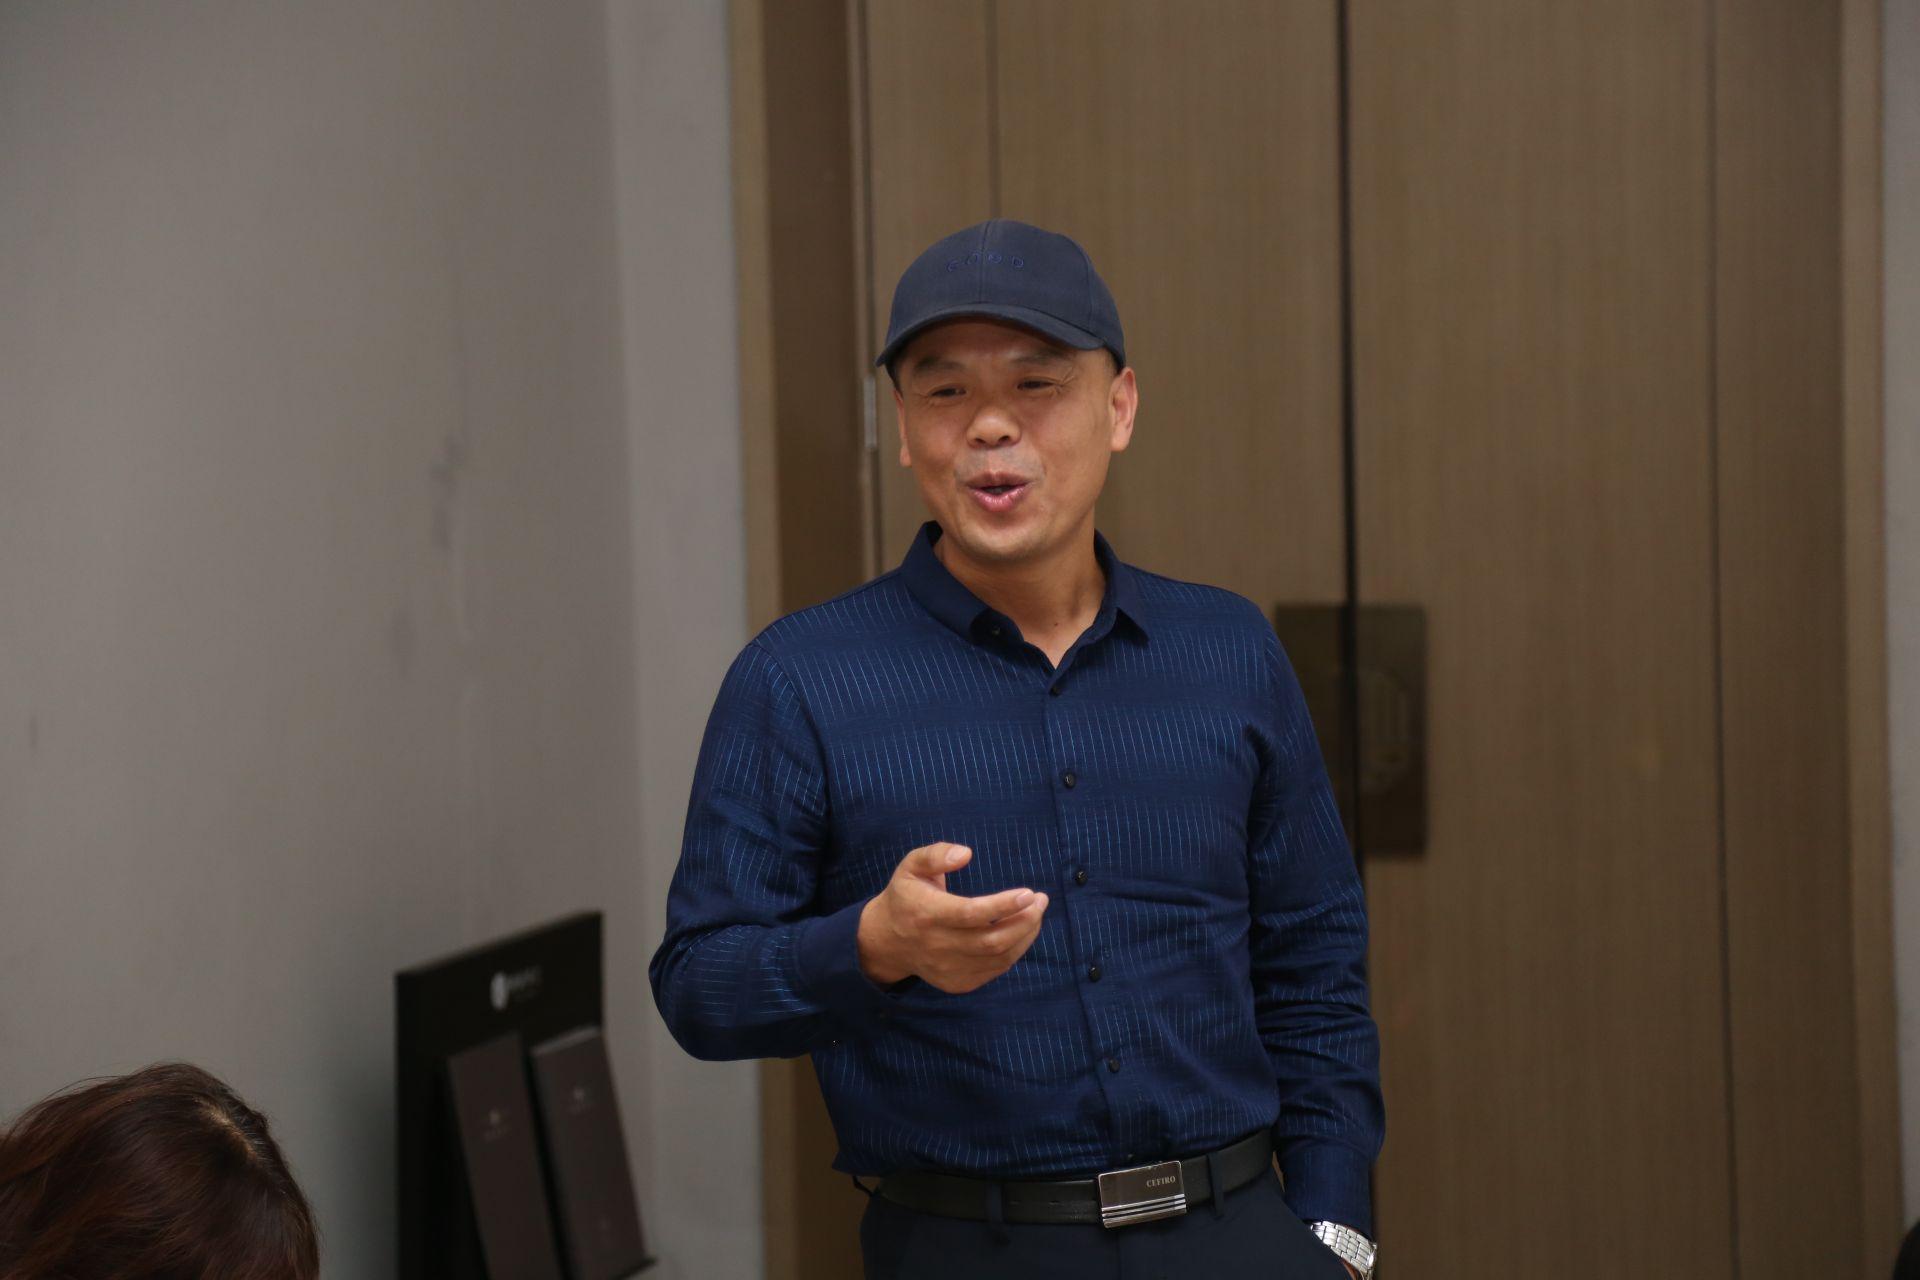 bob官网:茶道中悟商道:做企业要像喝茶一样拿得起放得下